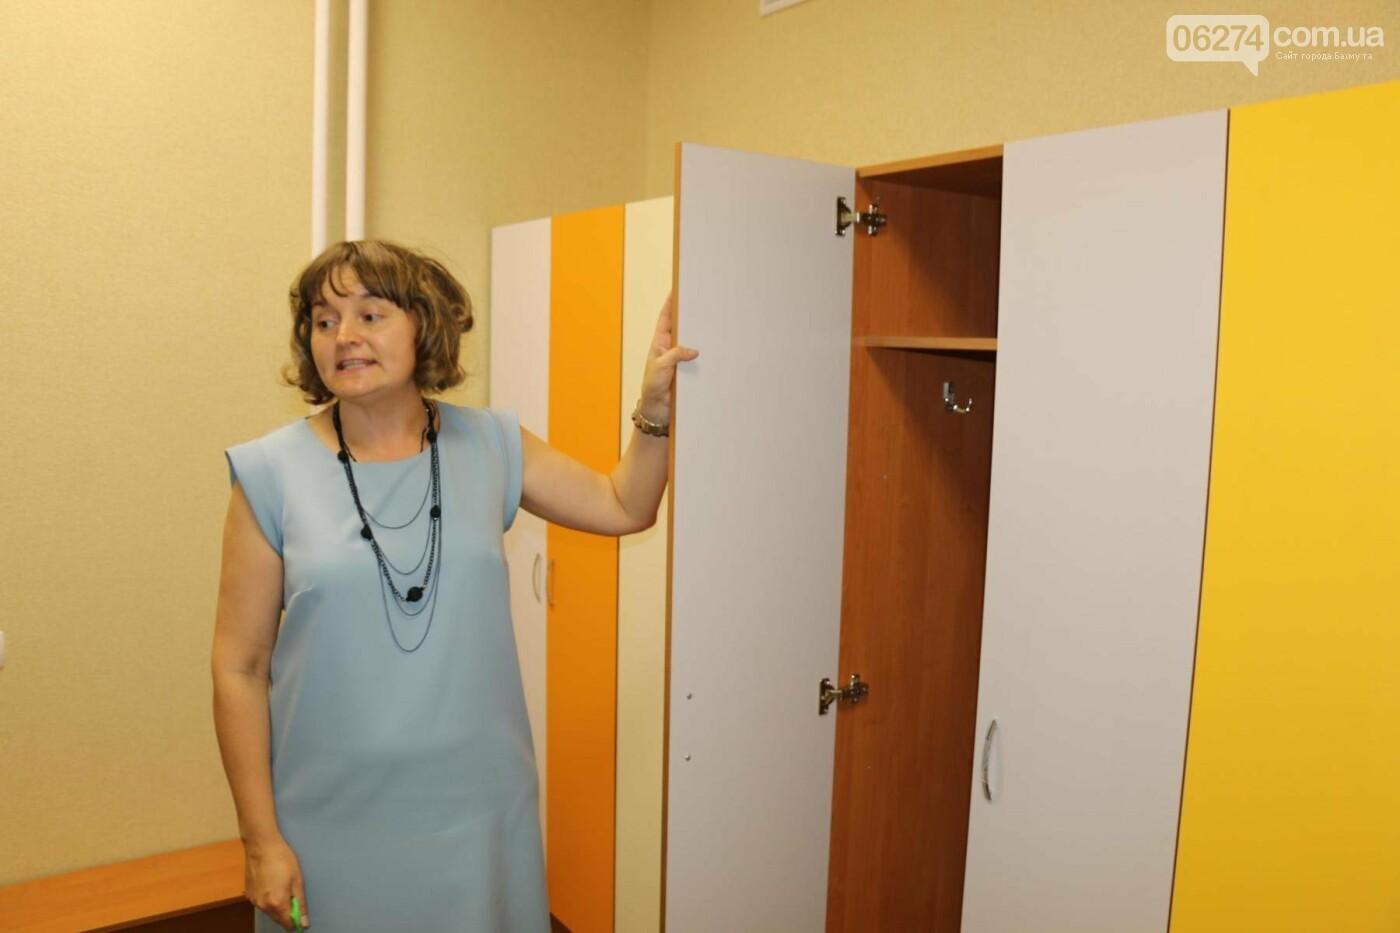 В Бахмуте открыт Инклюзивно-ресурсный центр для детей с особыми потребностями, фото-12